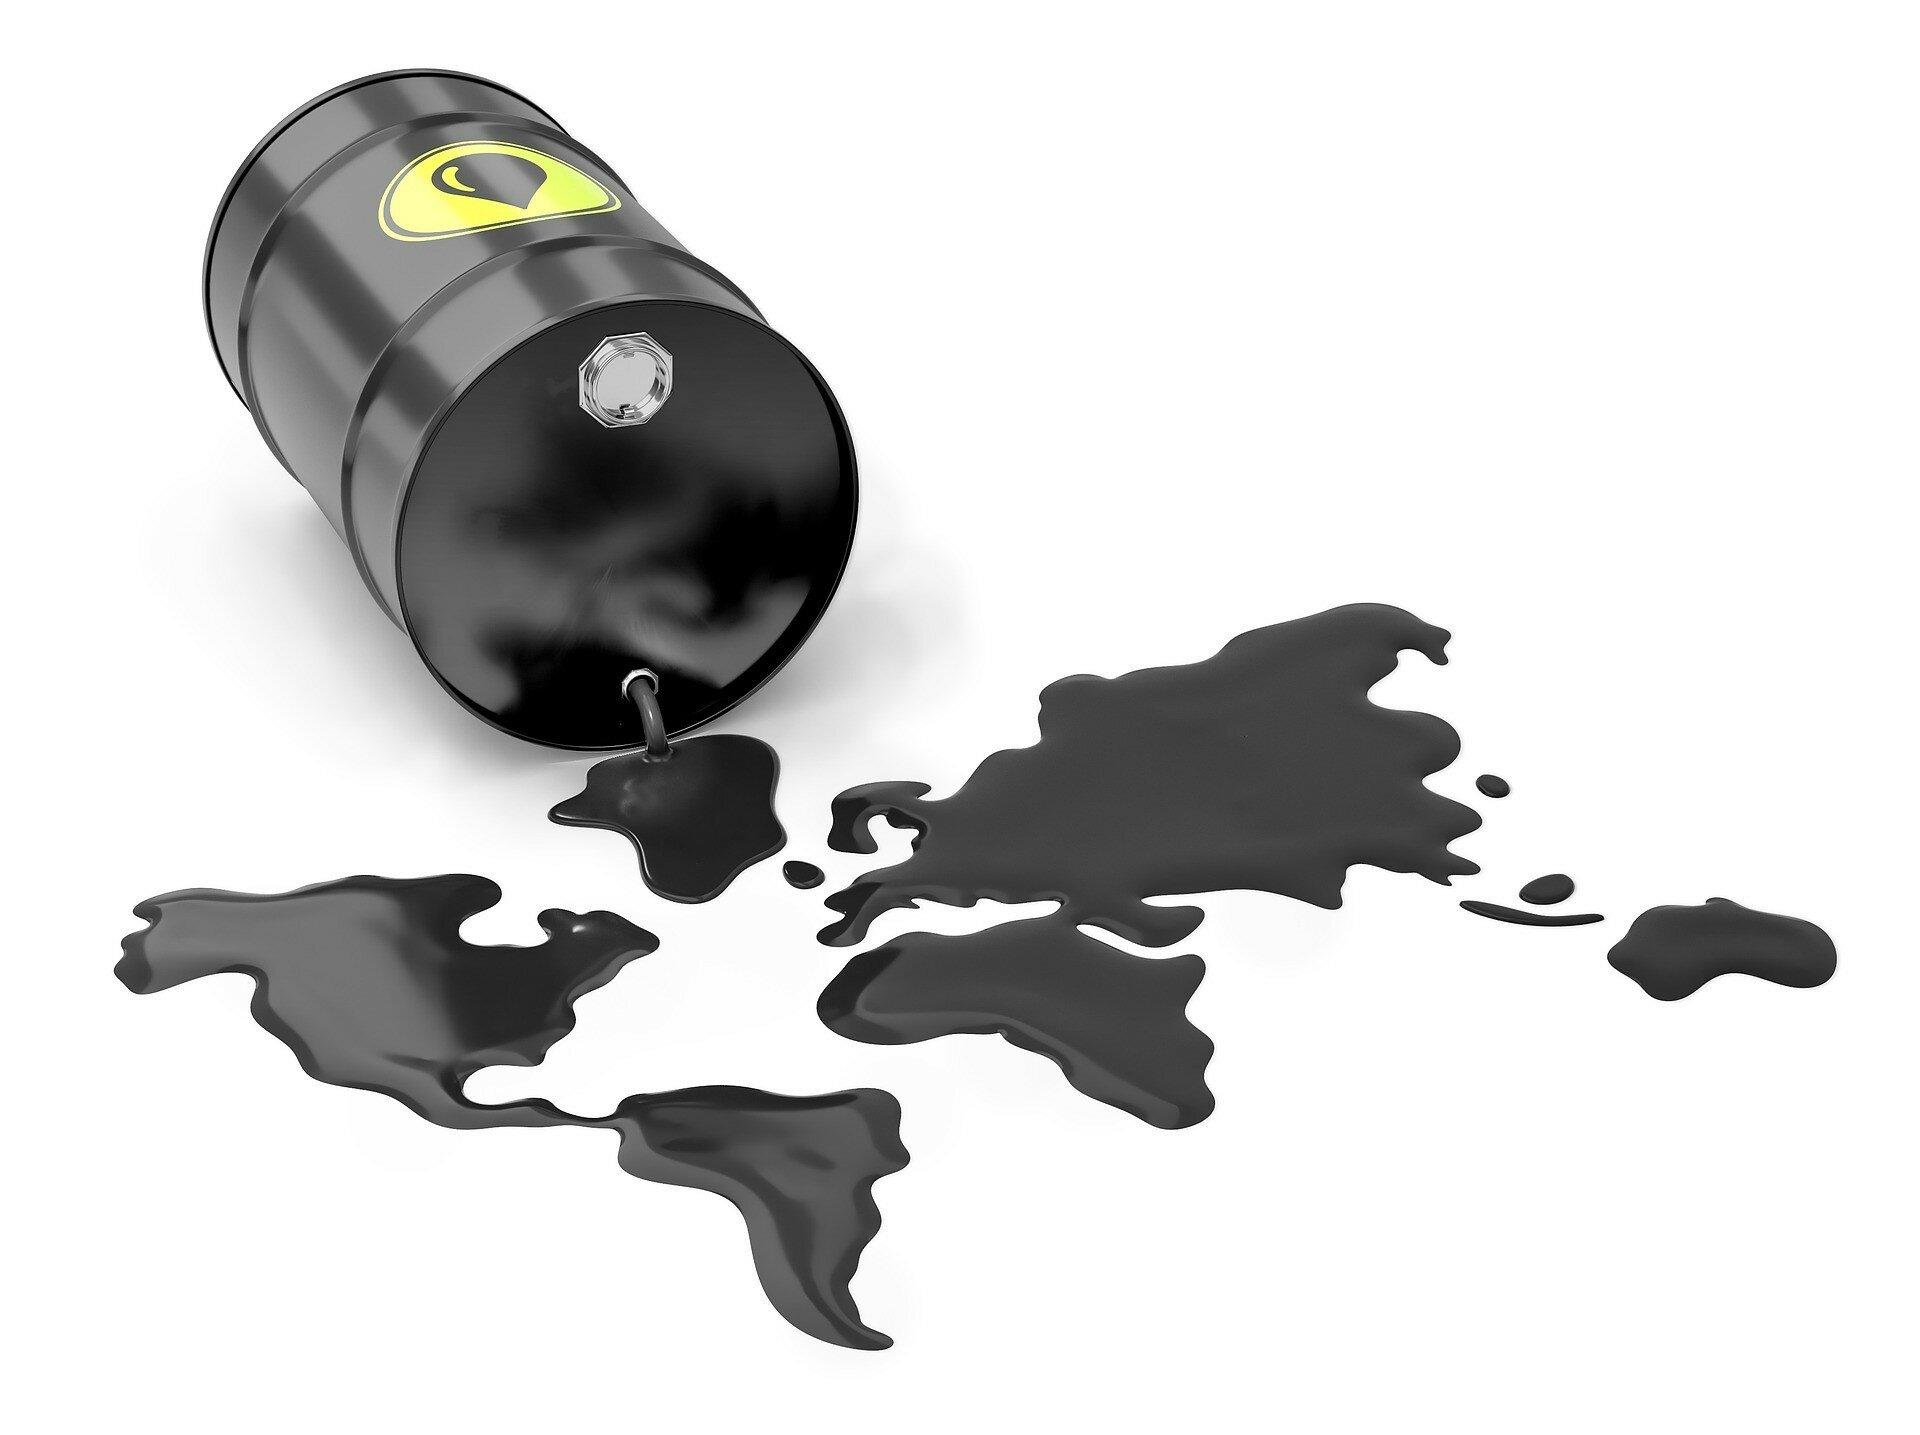 Цены на нефть падают, несмотря на благоприятные экономические перспективы